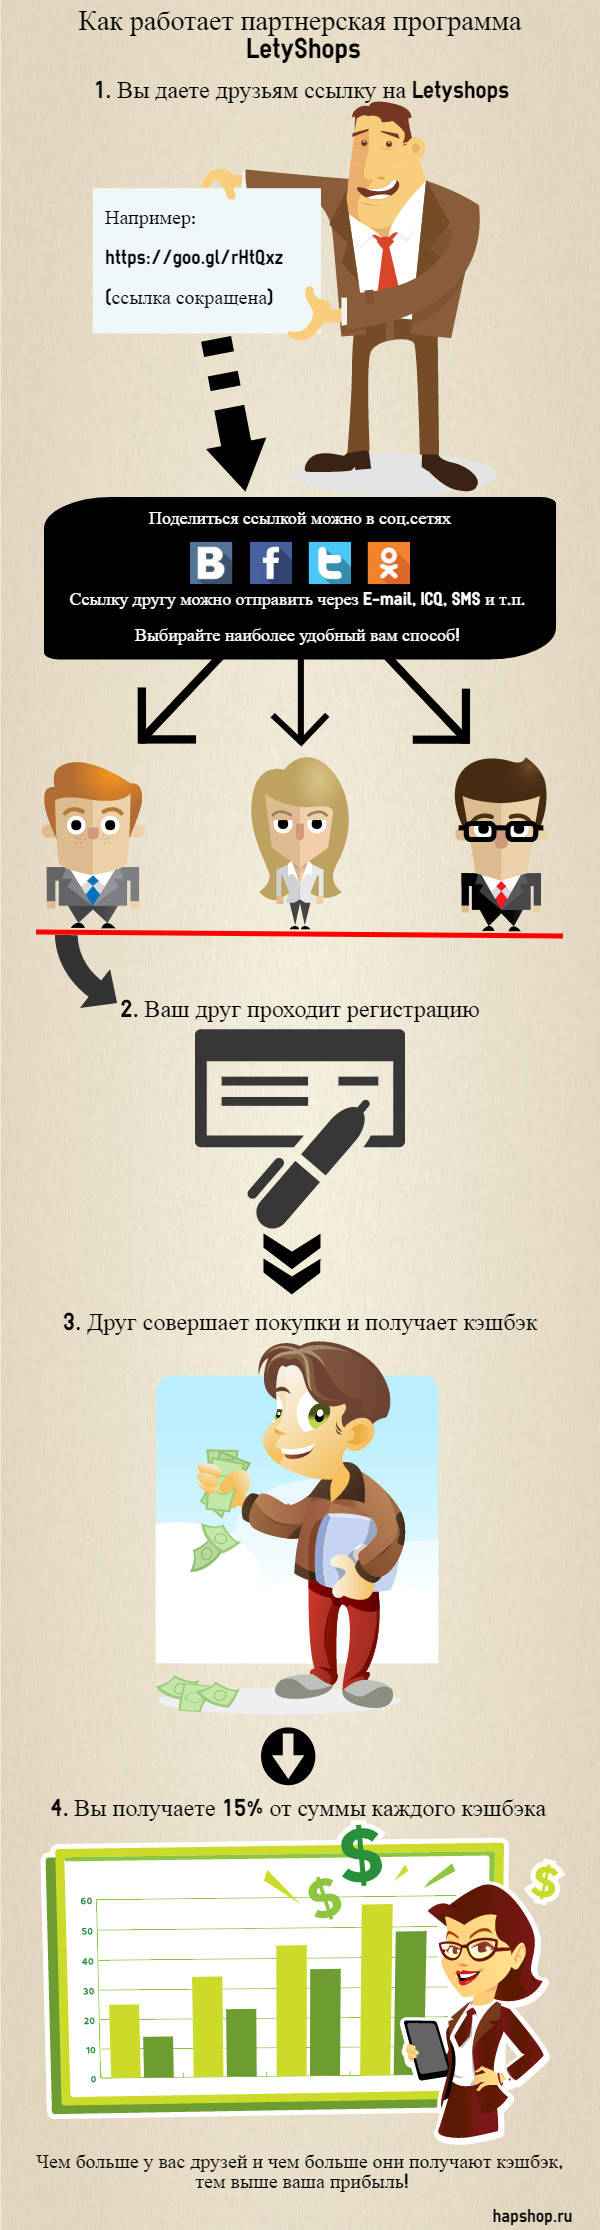 Как работает партнерская программа LetyShops